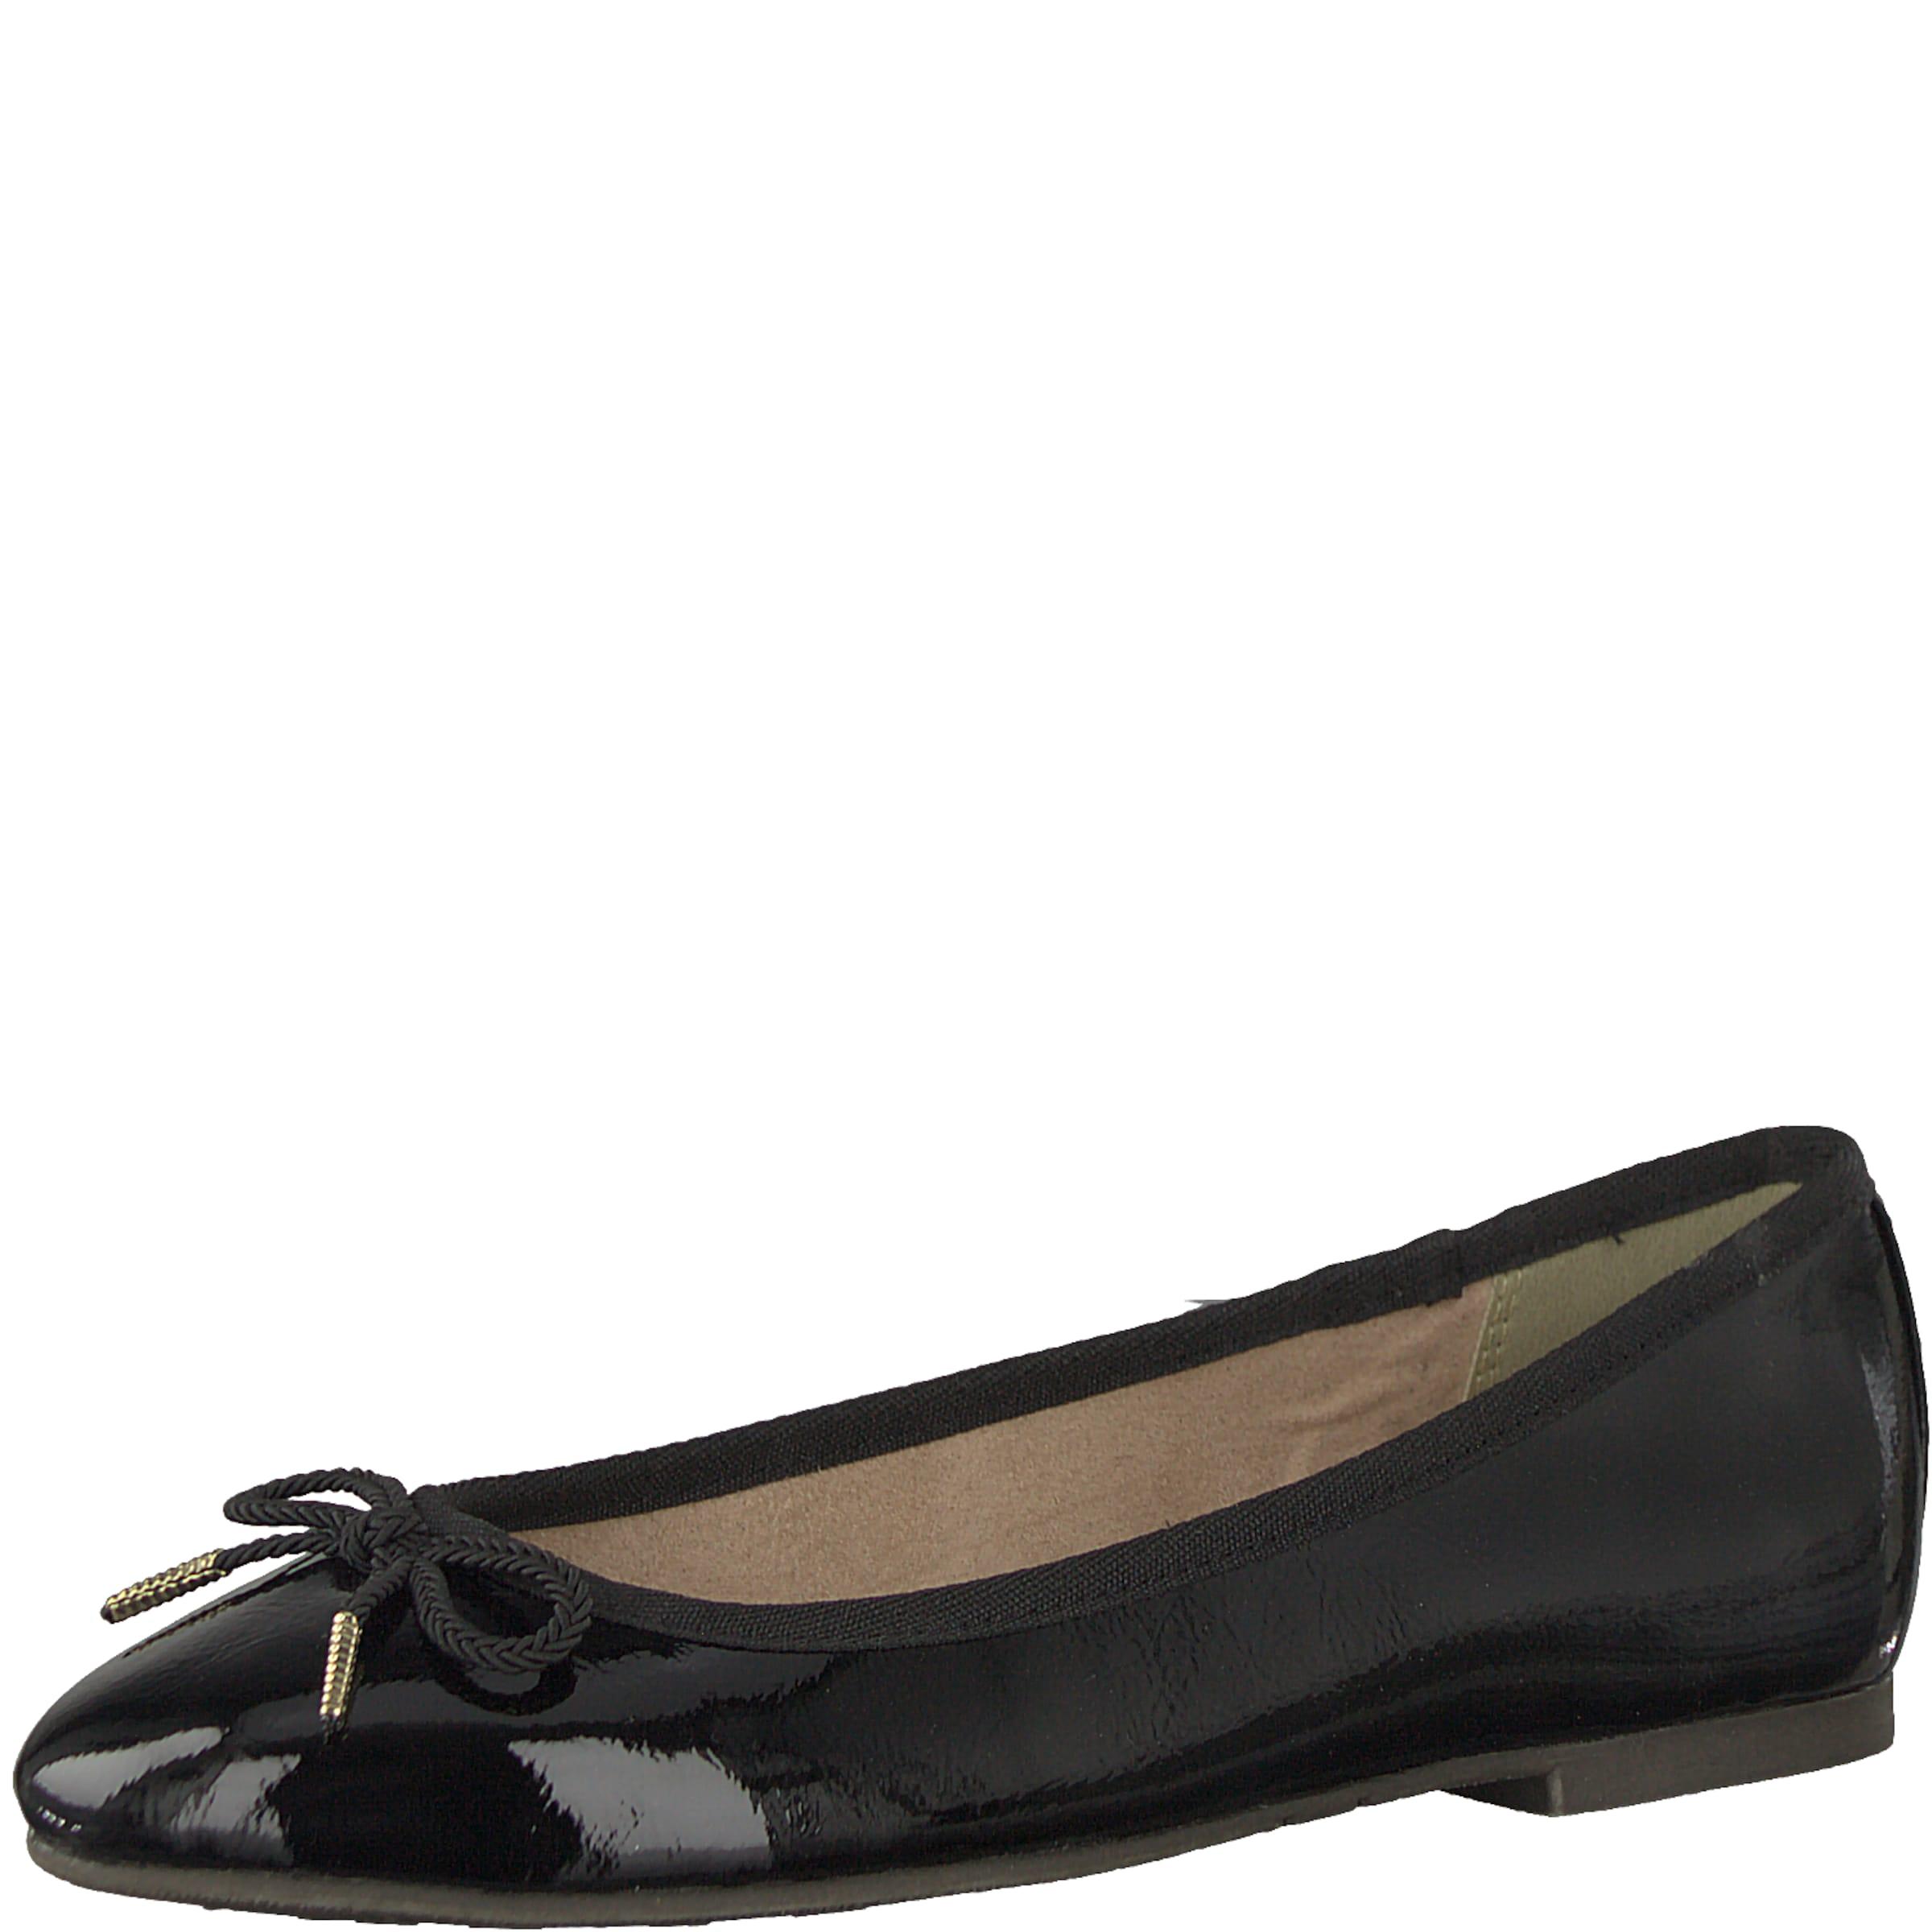 TAMARIS Ballerina Verschleißfeste billige Schuhe Hohe Qualität